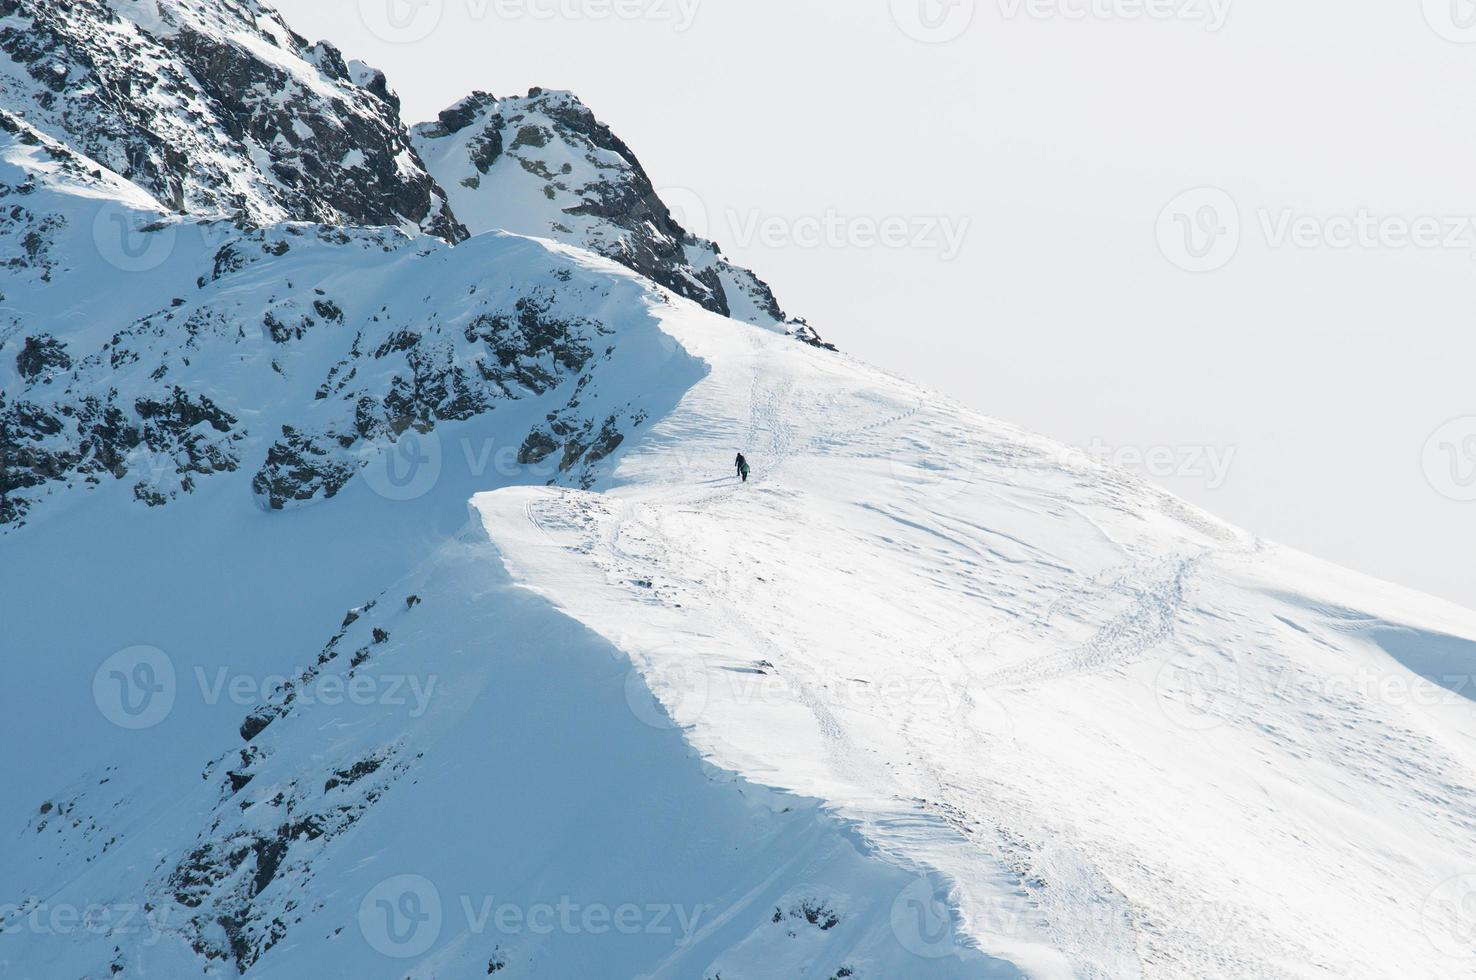 twee mensen op grote bergwandelingen, foto